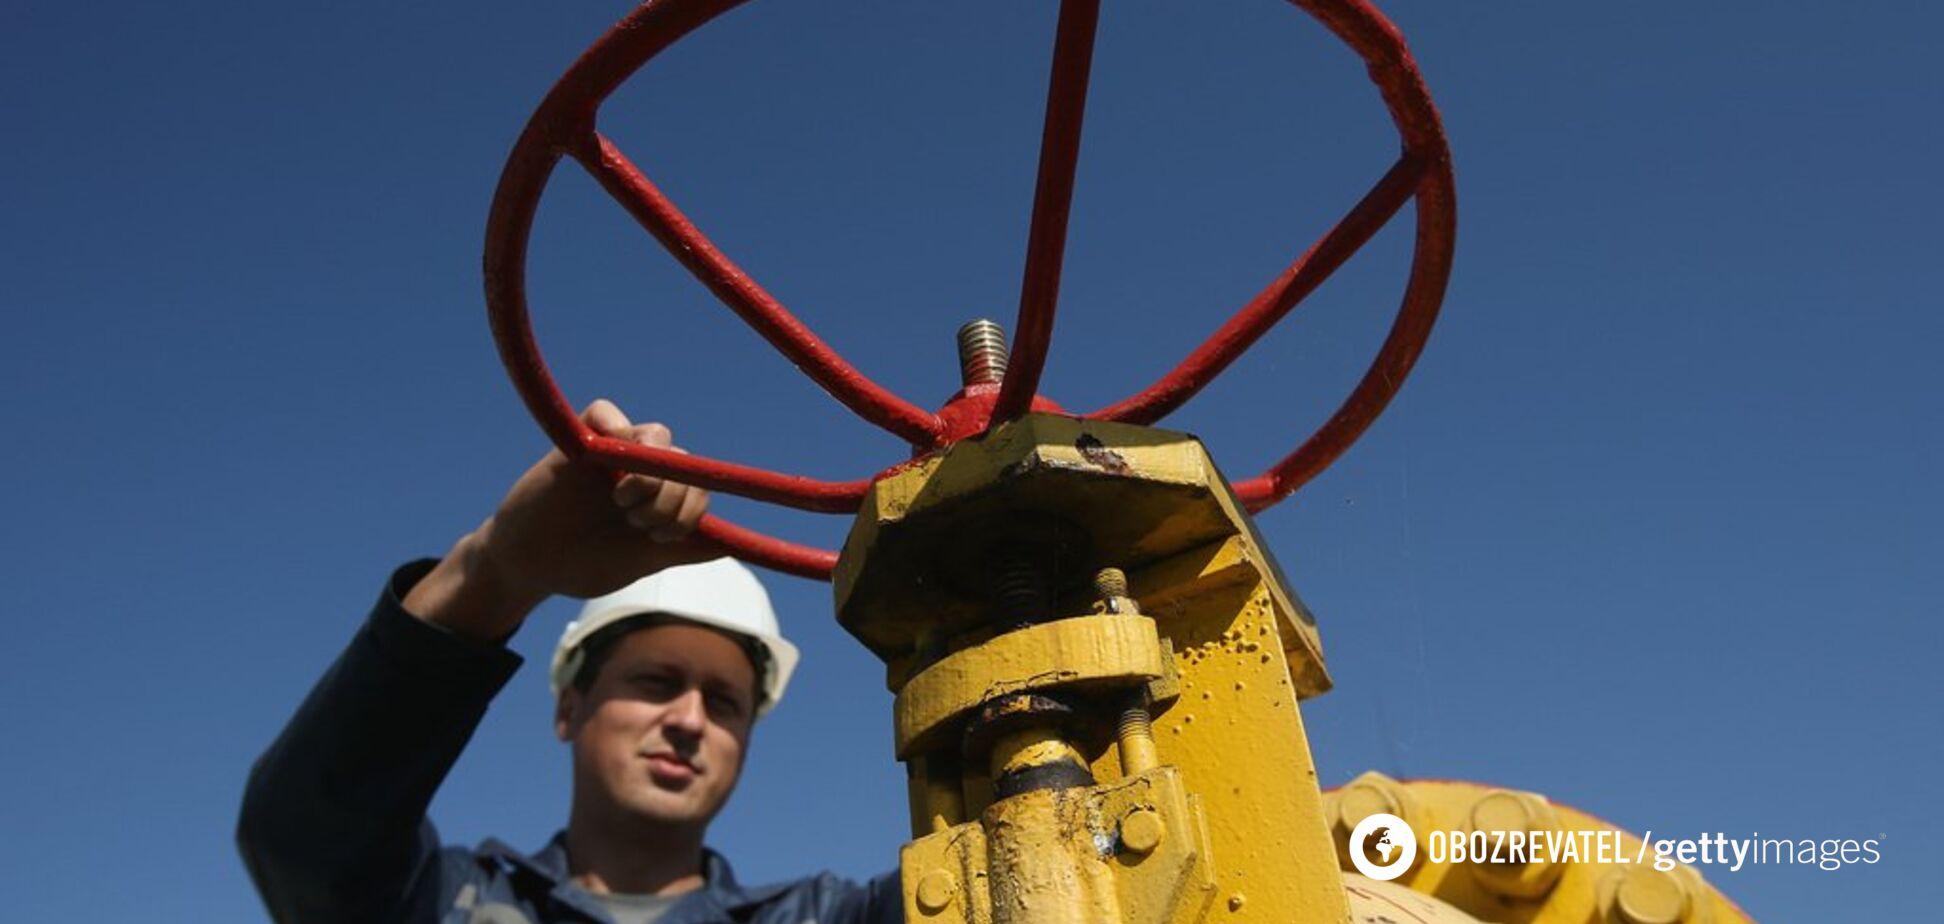 Україні потрібен $1 млрд: 'Нафтогаз' попередив про проблеми з підготовкою до зими